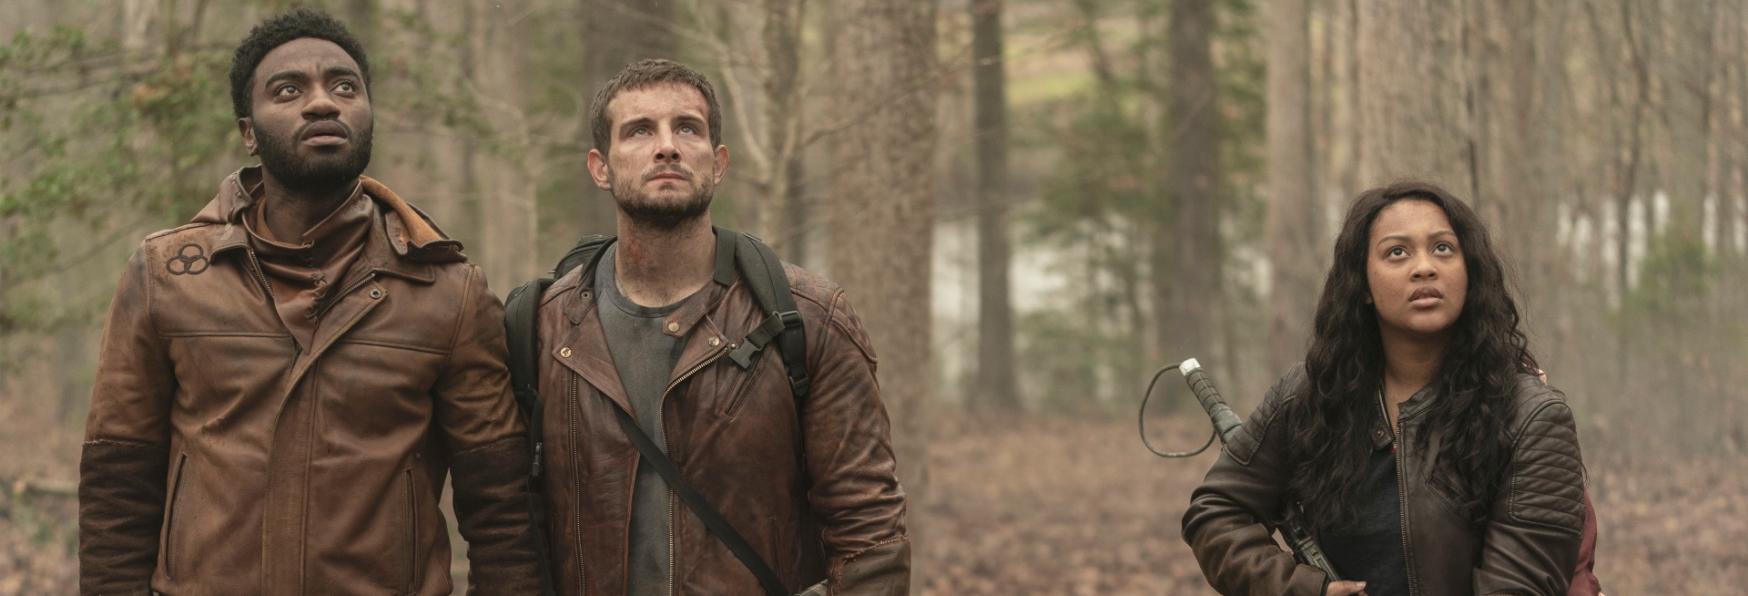 The Walking Dead: World Beyond 2 - Il nuovo Teaser di Produzione